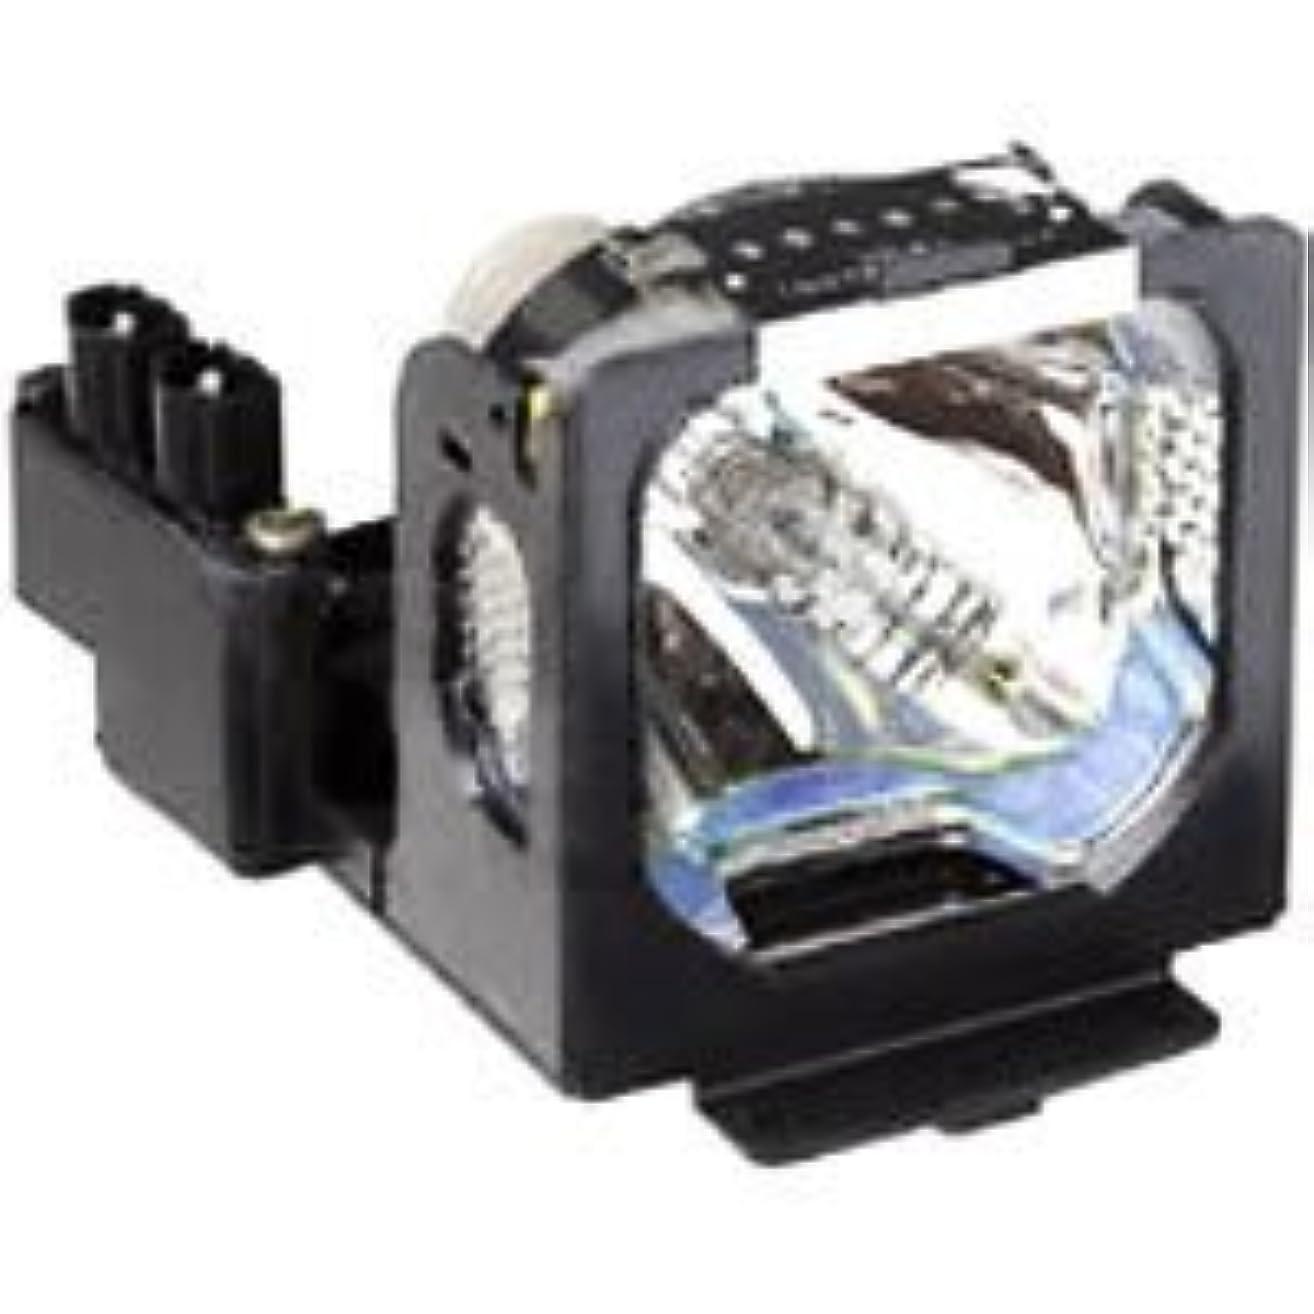 受け継ぐスマイル田舎者QLC 高品質互換 POA-LMP37 150ワット 2000-Hrs UHPプロジェクター電球/ランプ ハウジング付き